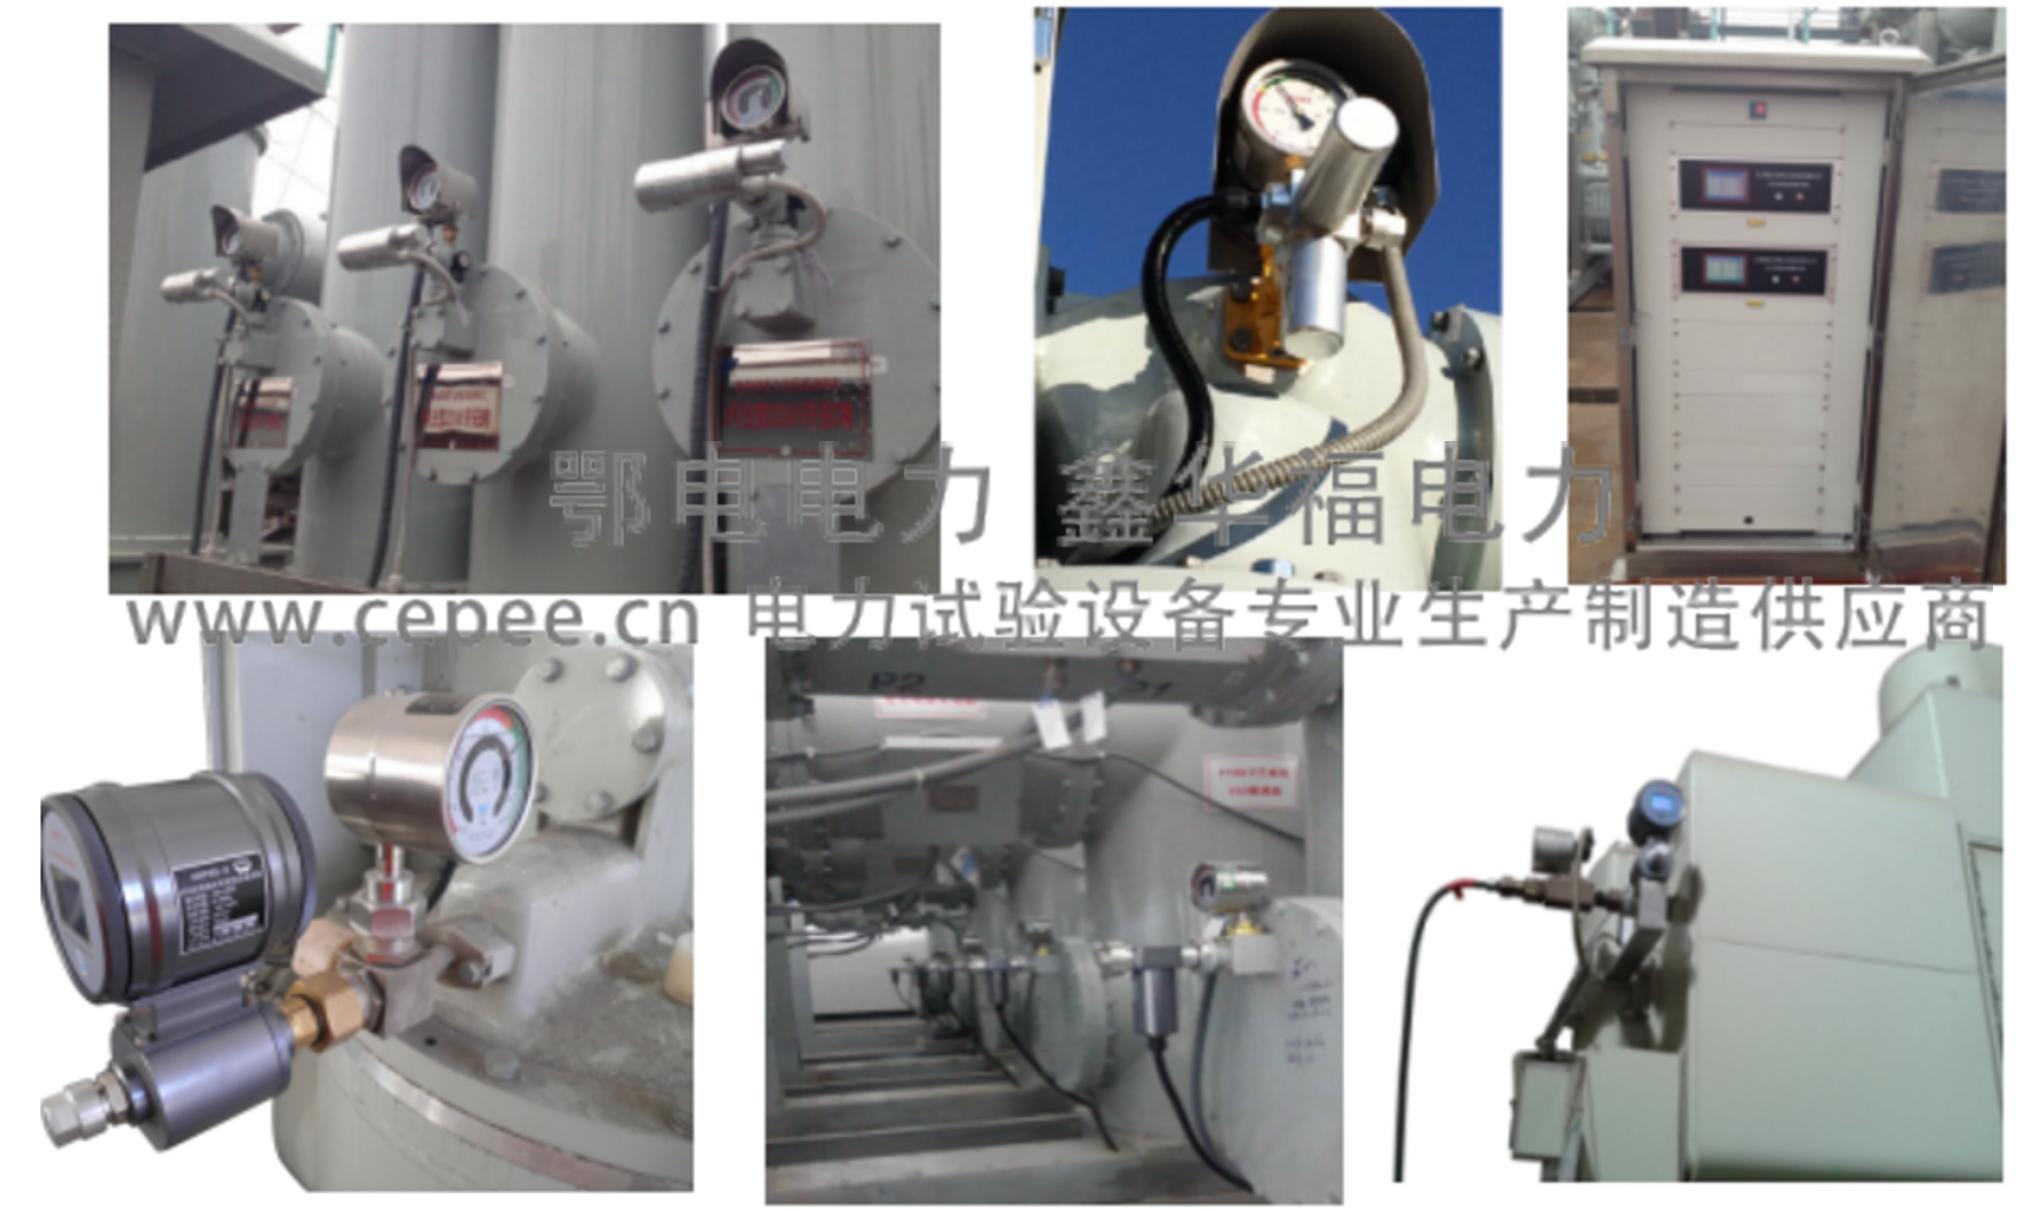 电力在线监测仪_烟气电工电气系统-武汉鄂电电力试验设备有限公司